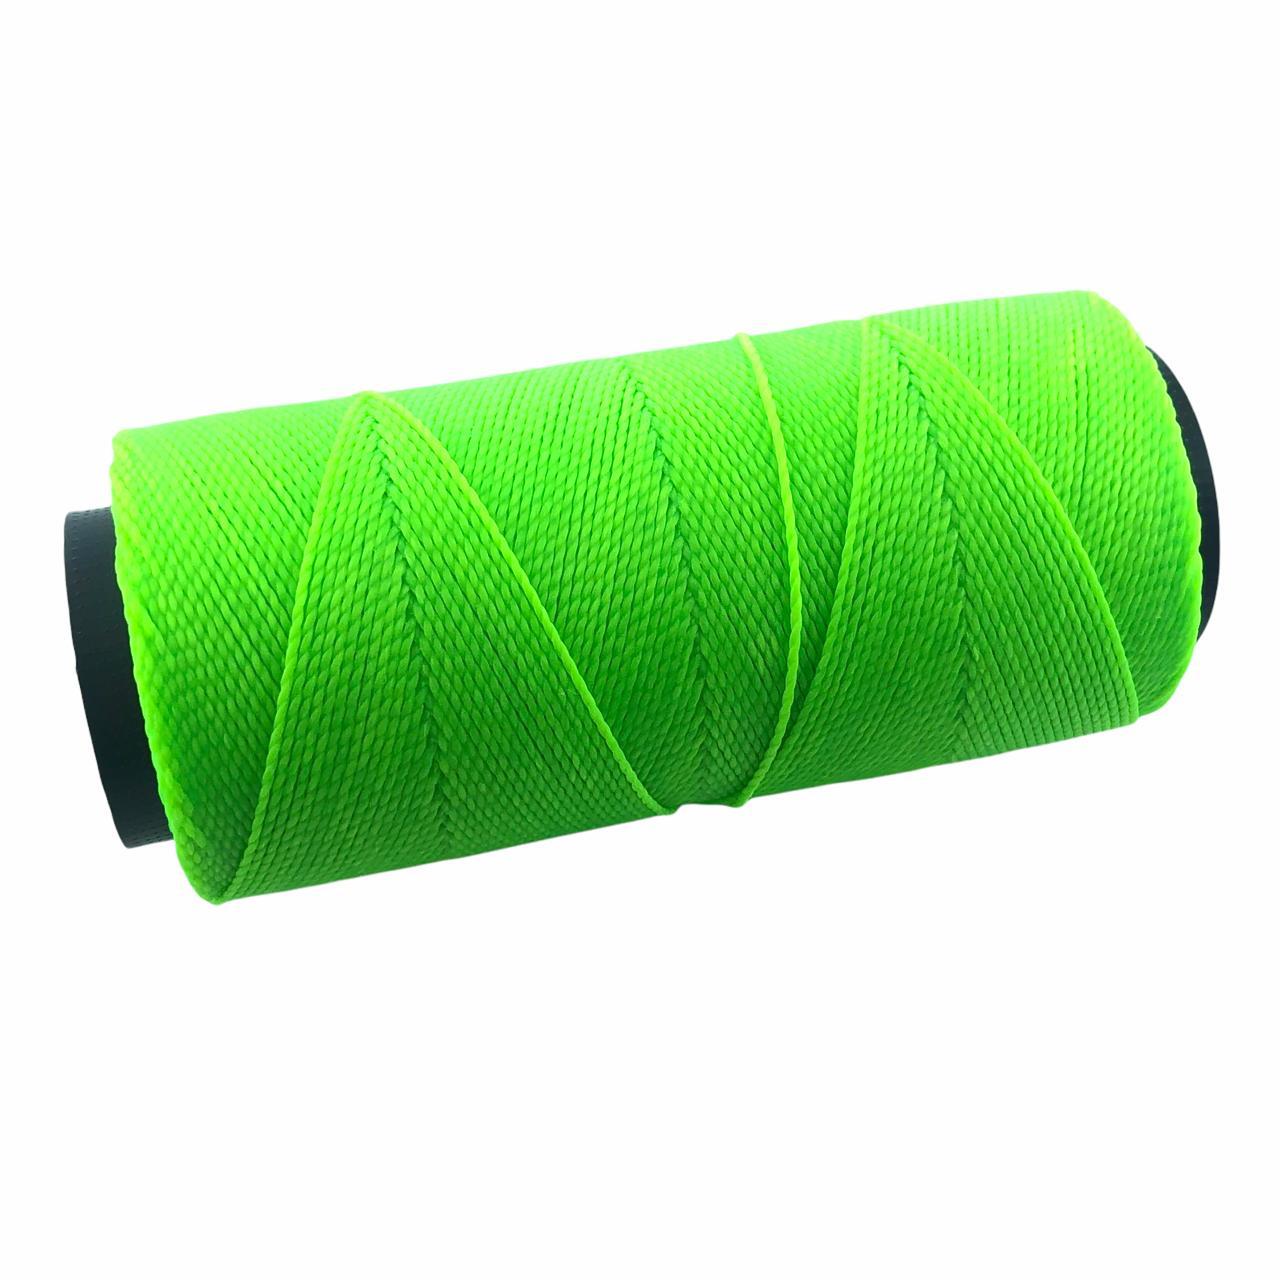 CE28 - Cordonê Encerado Verde Neon - 10metros